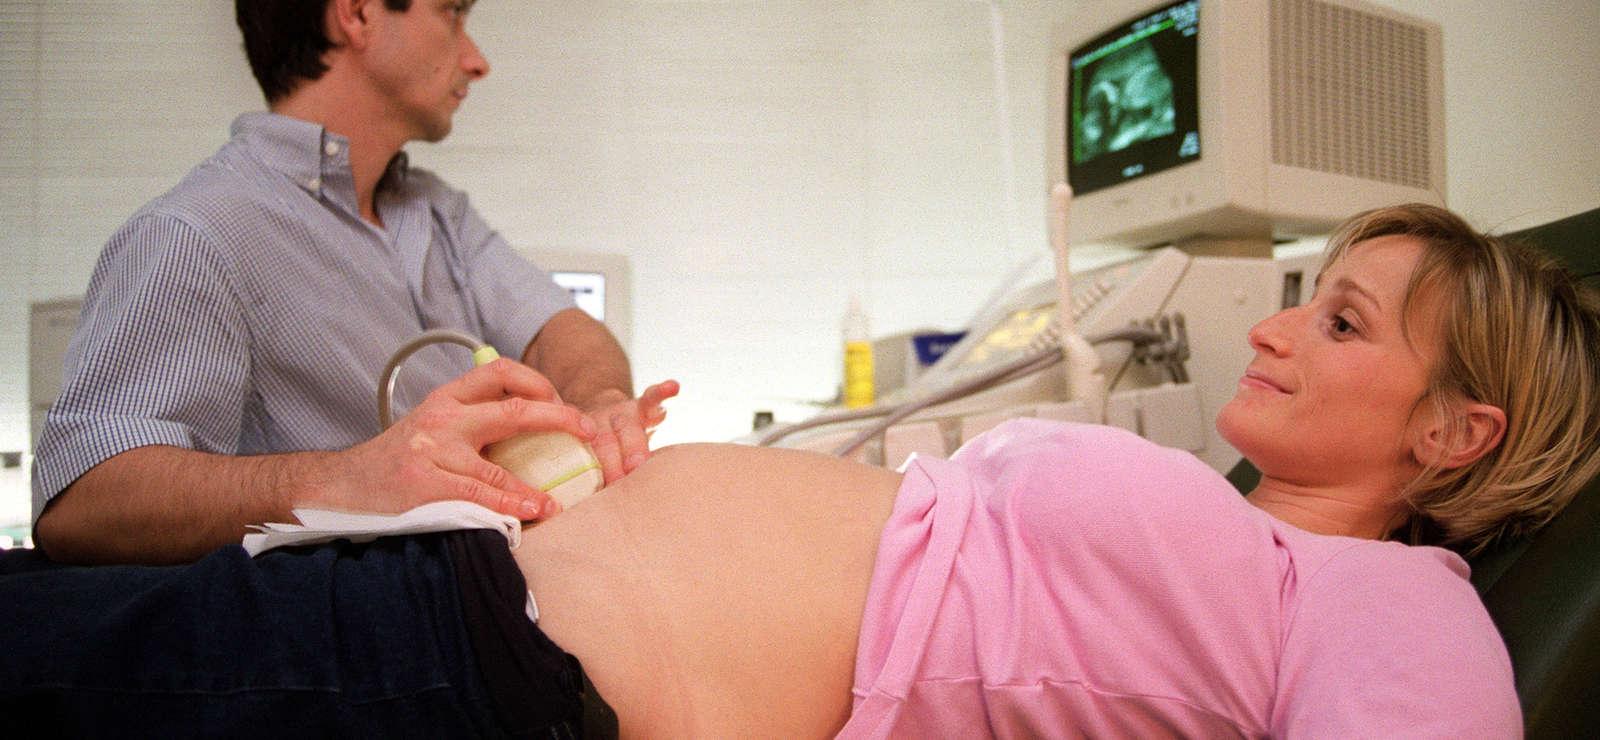 Enfants nés de mères porteuses : la France de nouveau condamnée